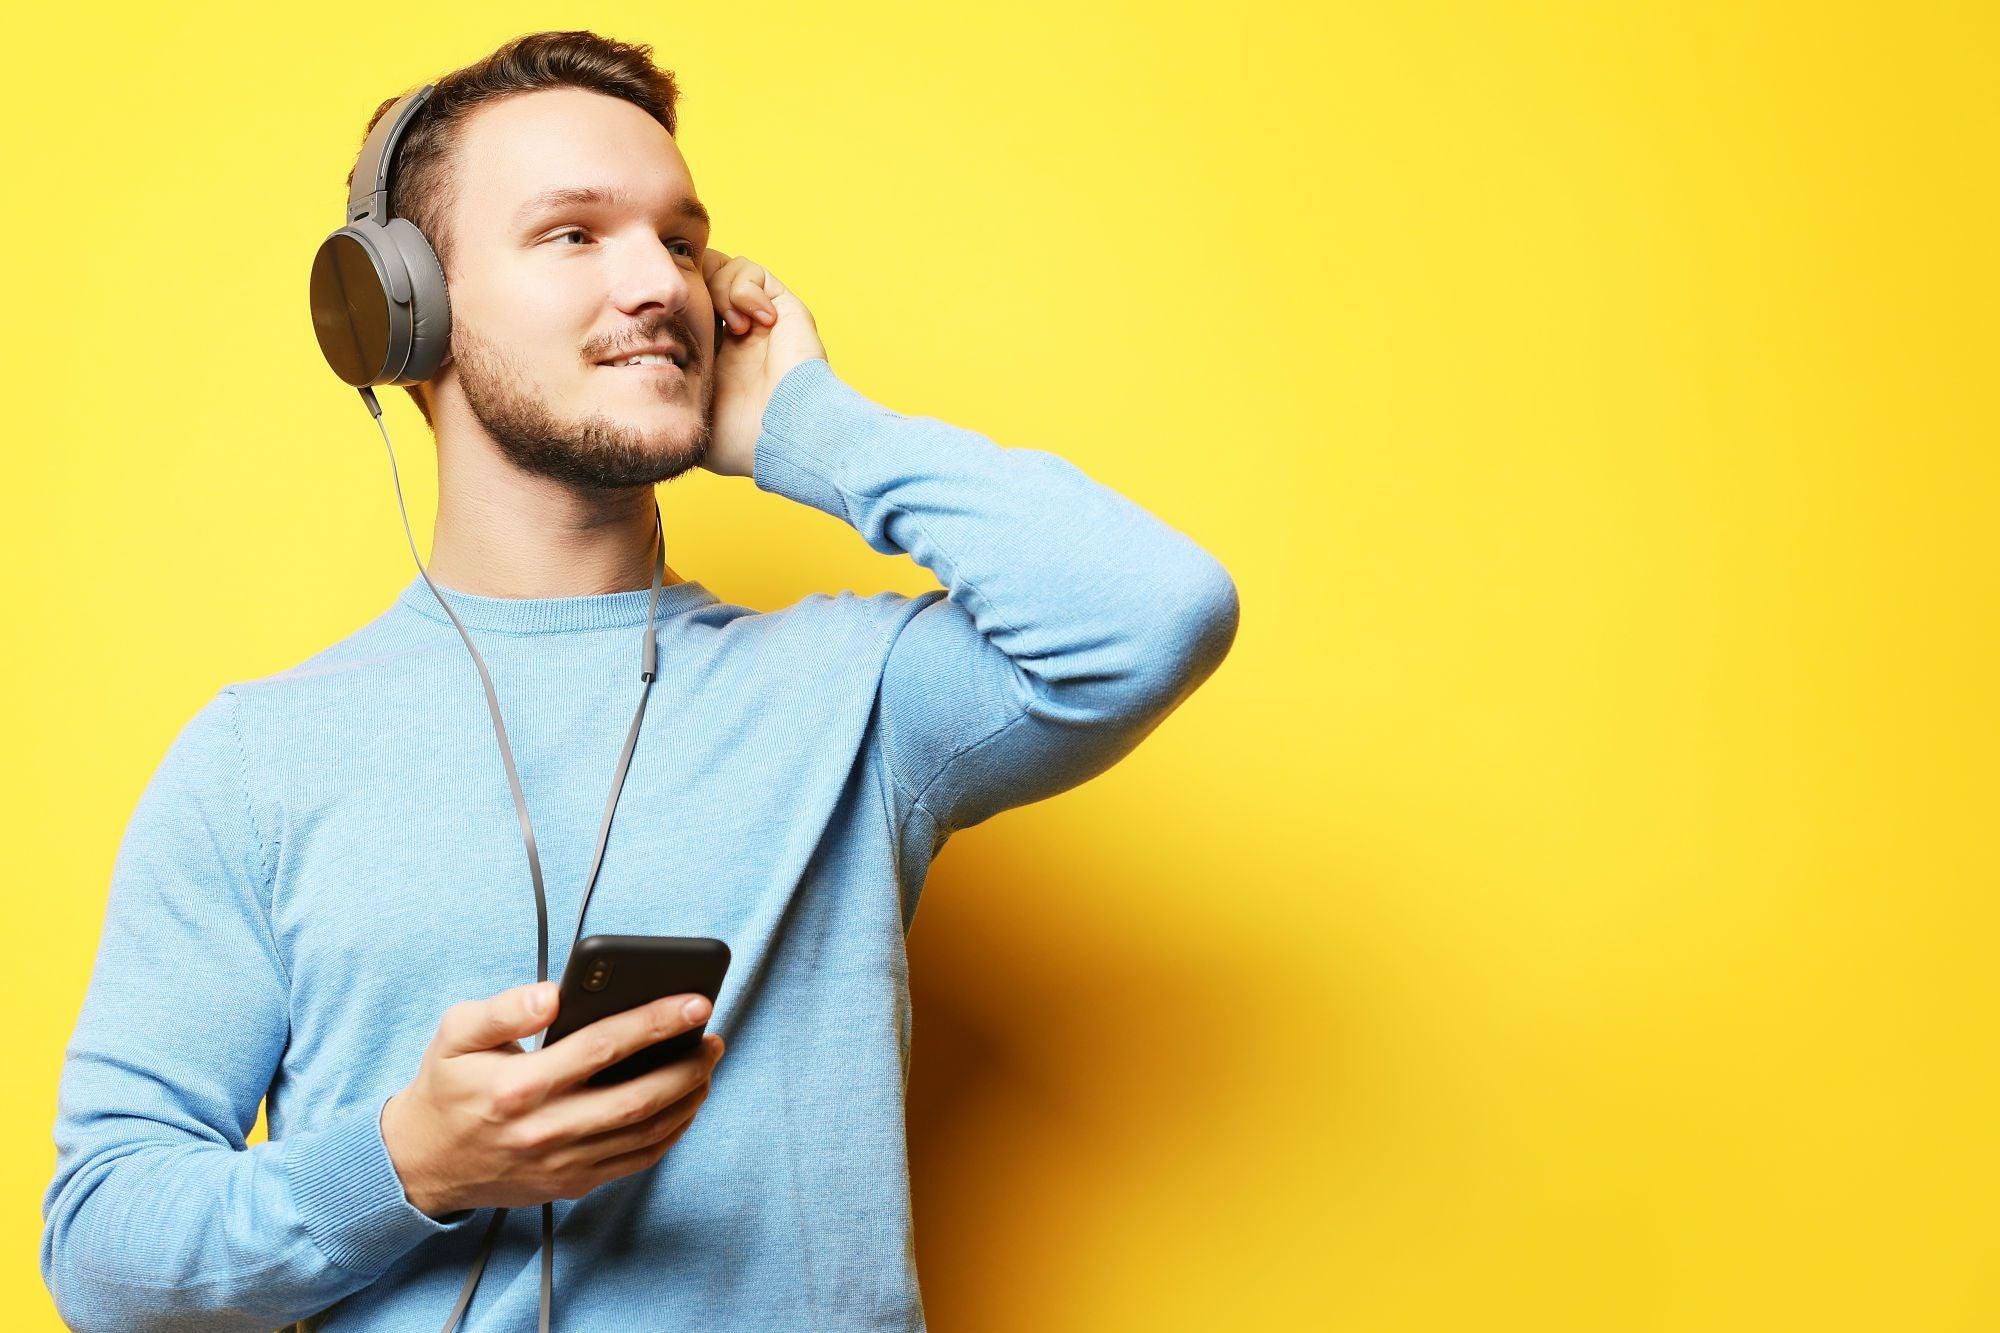 12 Canciones Cargadas De Adrenalina Para Empezar Tu Día